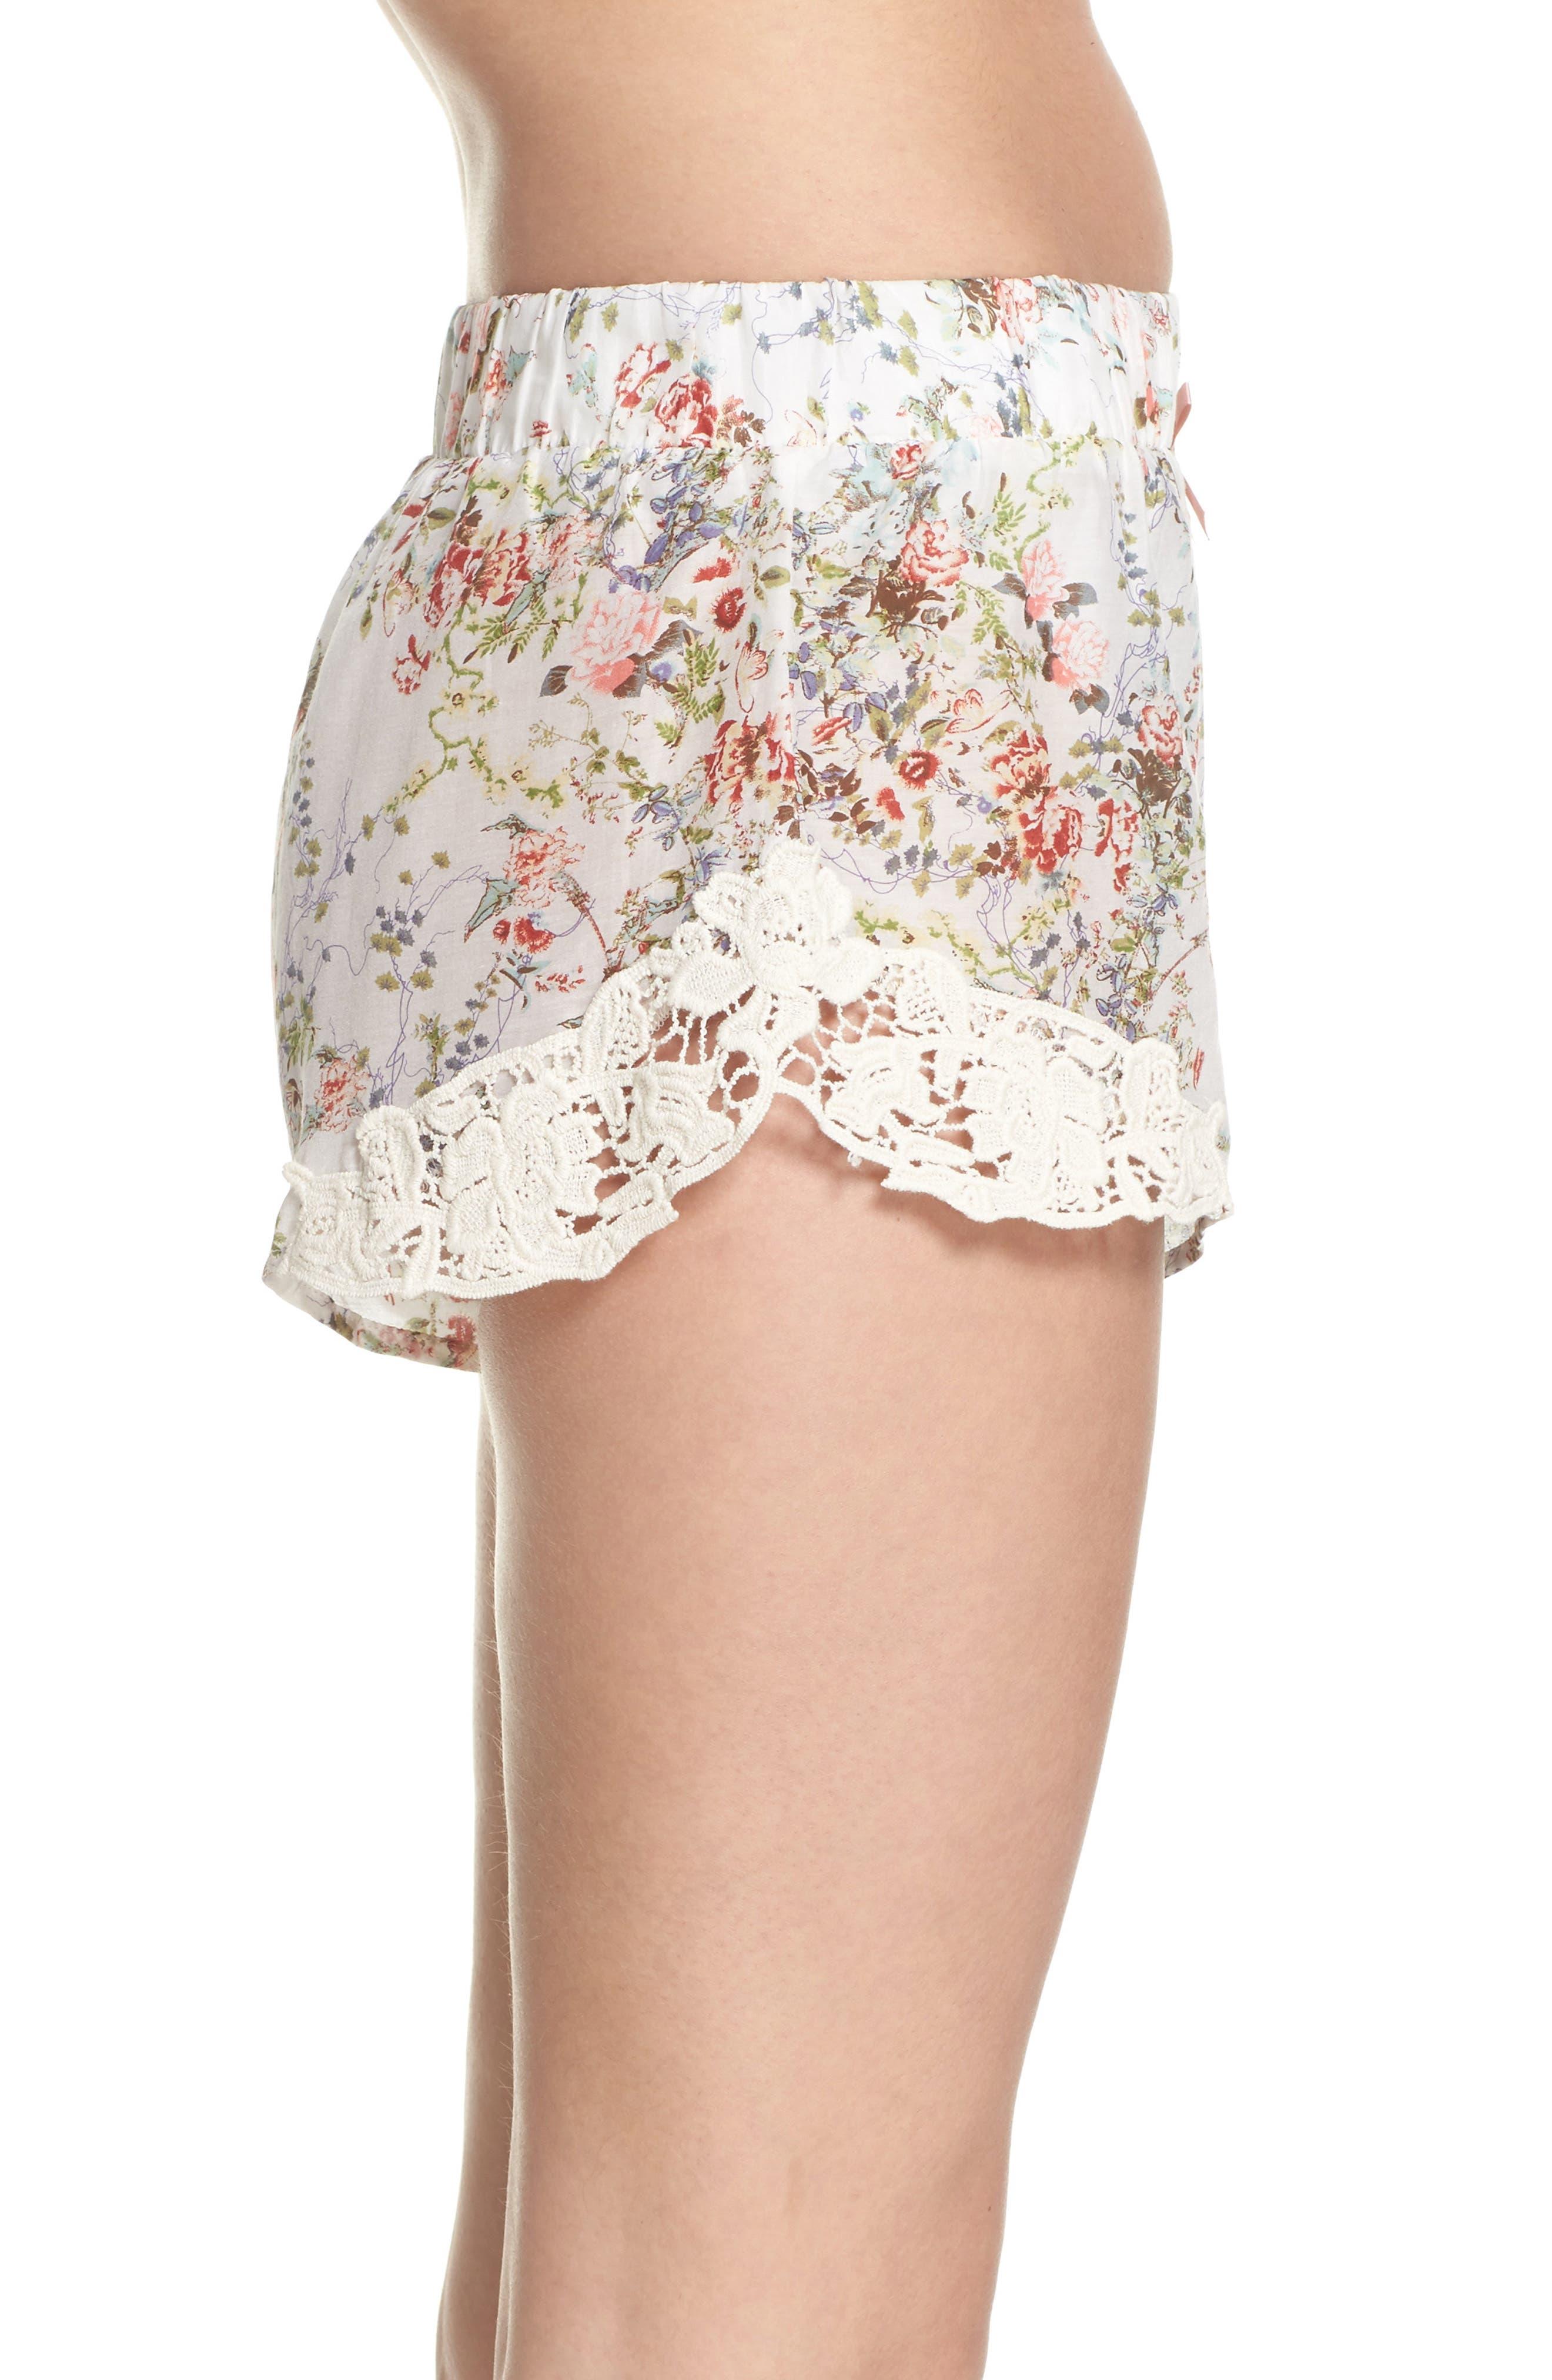 Yolly Floral Pajama Shorts,                             Alternate thumbnail 3, color,                             901